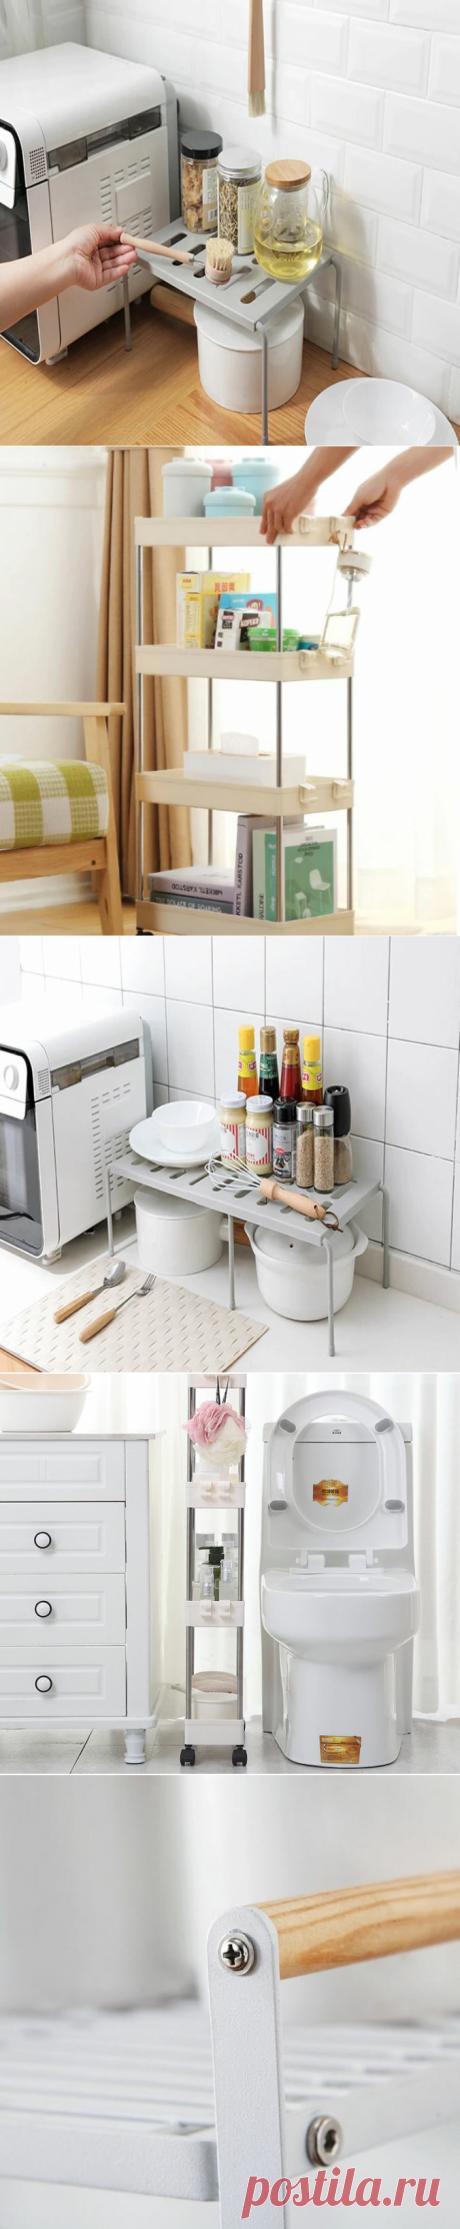 Стильные органайзеры, с которыми ваша кухня будет выглядеть компактно и уютно, одним словом — идеально #3 | Алиса Мix | Яндекс Дзен